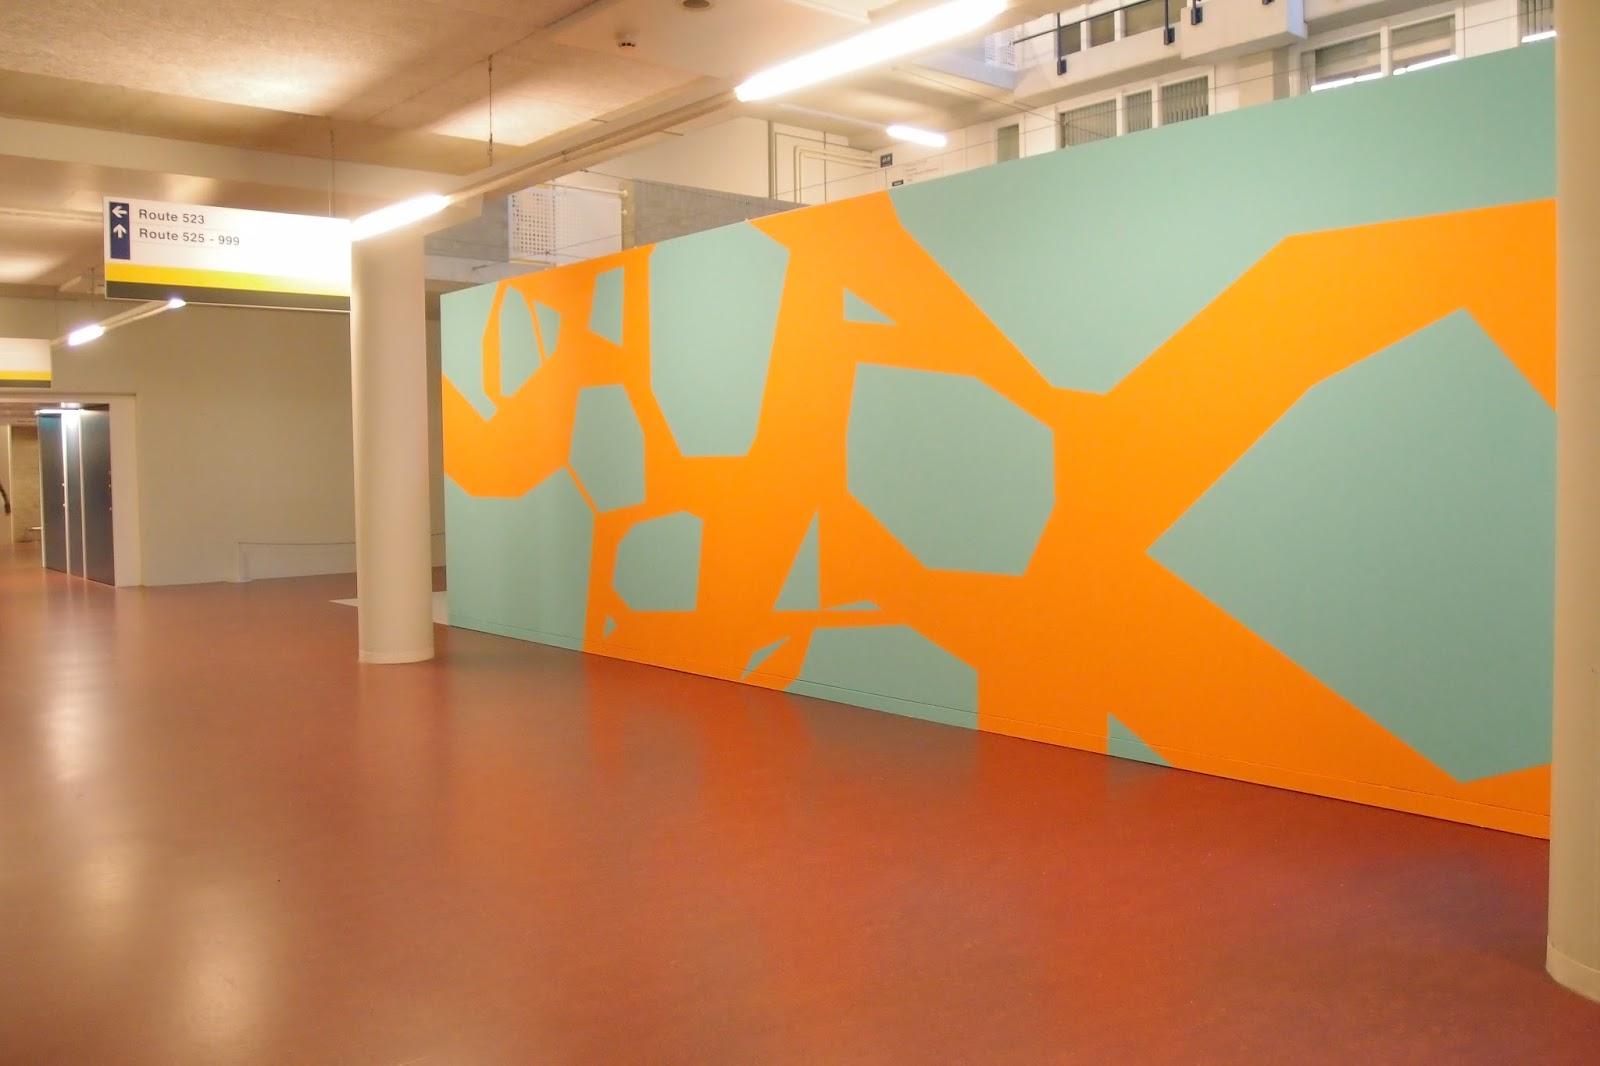 Herenhuis modern garage zuid holland herenhuizen in zuid holland